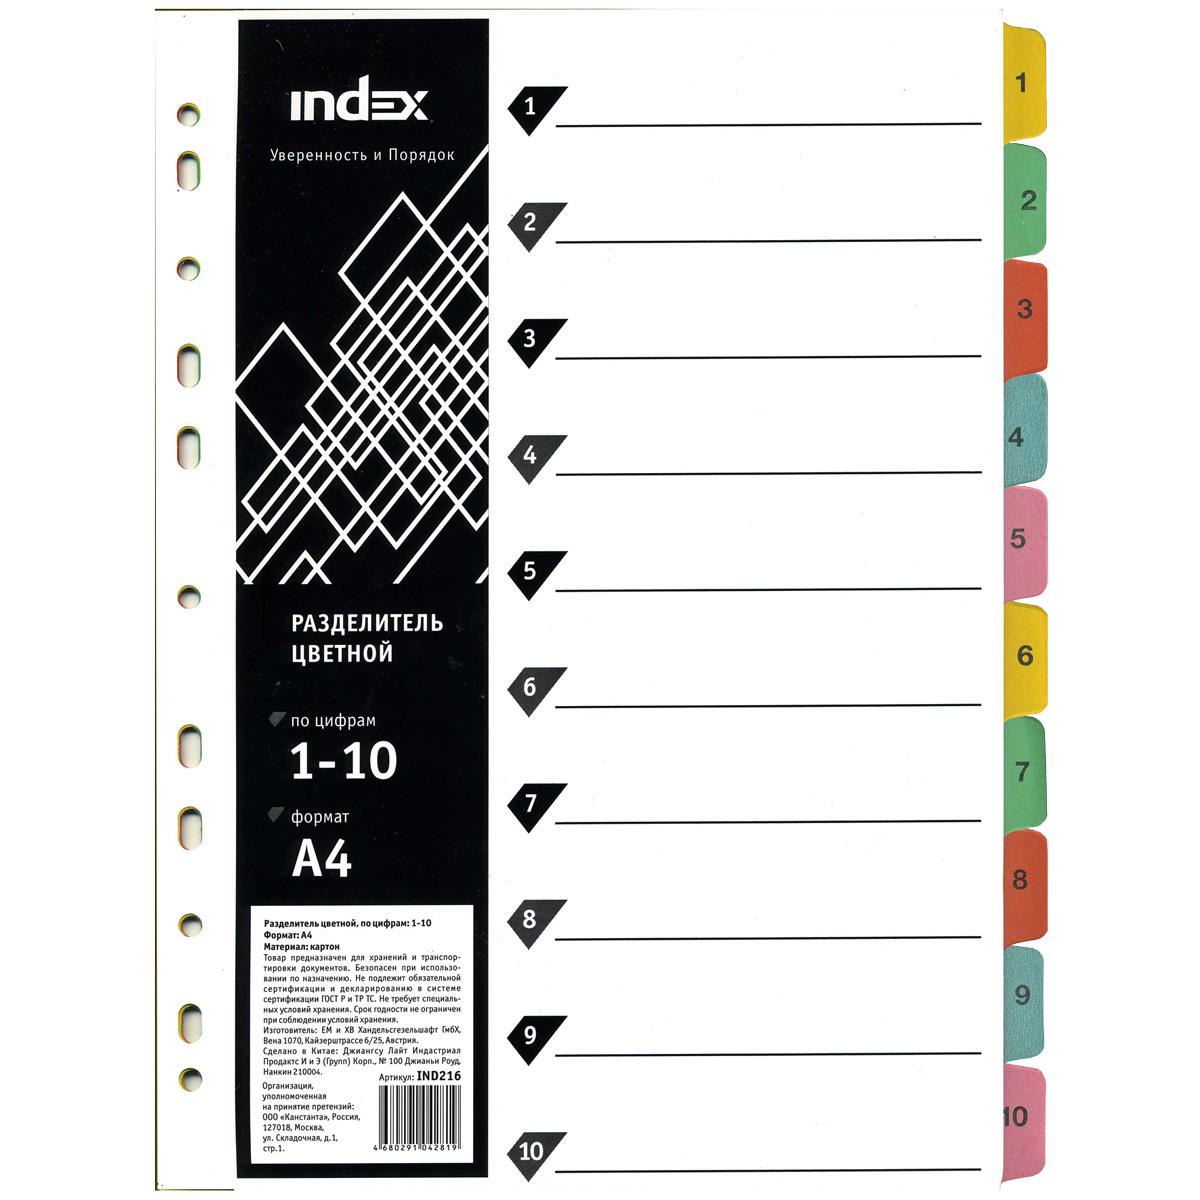 Index Разделитель картонный цифровой 1-10 А4